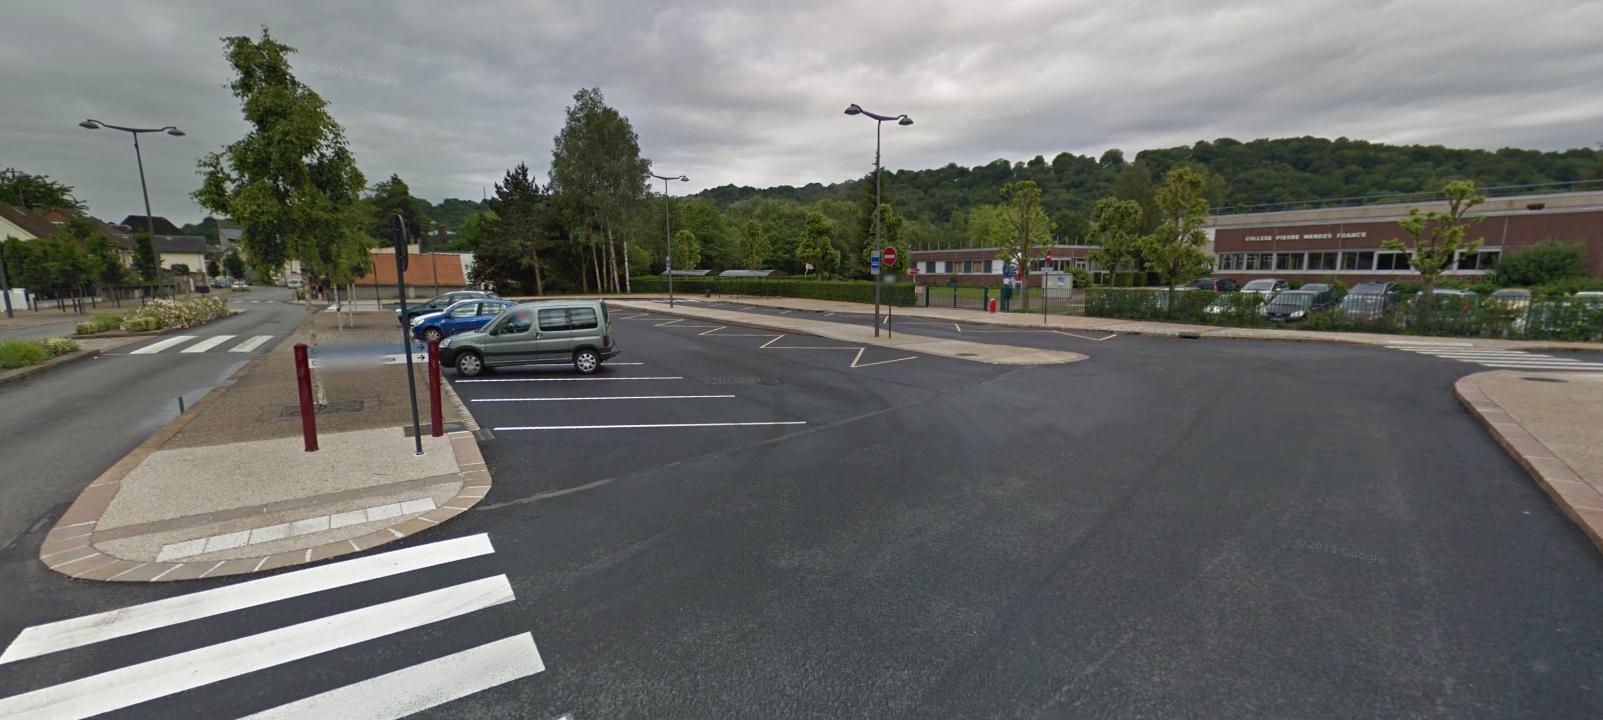 Les violences se sont produites sur ce parking devant le collège Pierre Mendès-France, hier soir, où la jeune femme s'était arrêtée pour vérifier la fermeture de ses portes (Photo d'illustration @Google Maps)